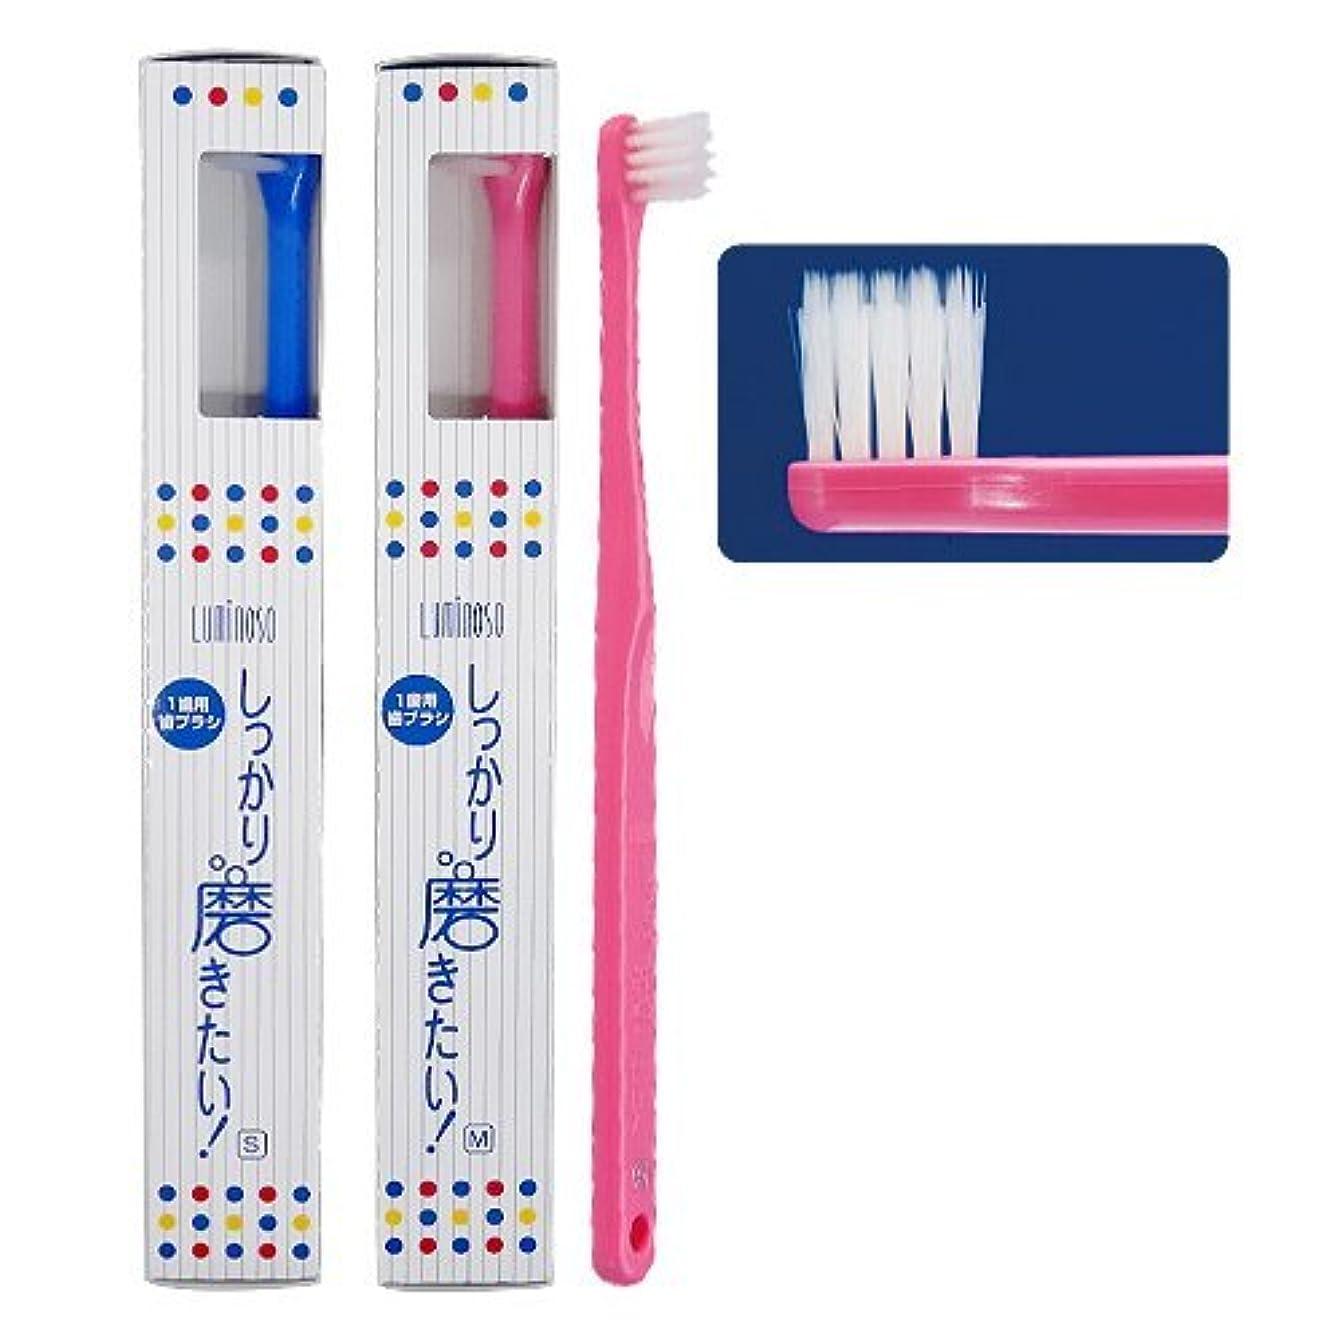 リングバック難しい持参ルミノソ 1歯用歯ブラシ「しっかり磨きたい!」スタンダード ソフト (カラー指定不可) 10本